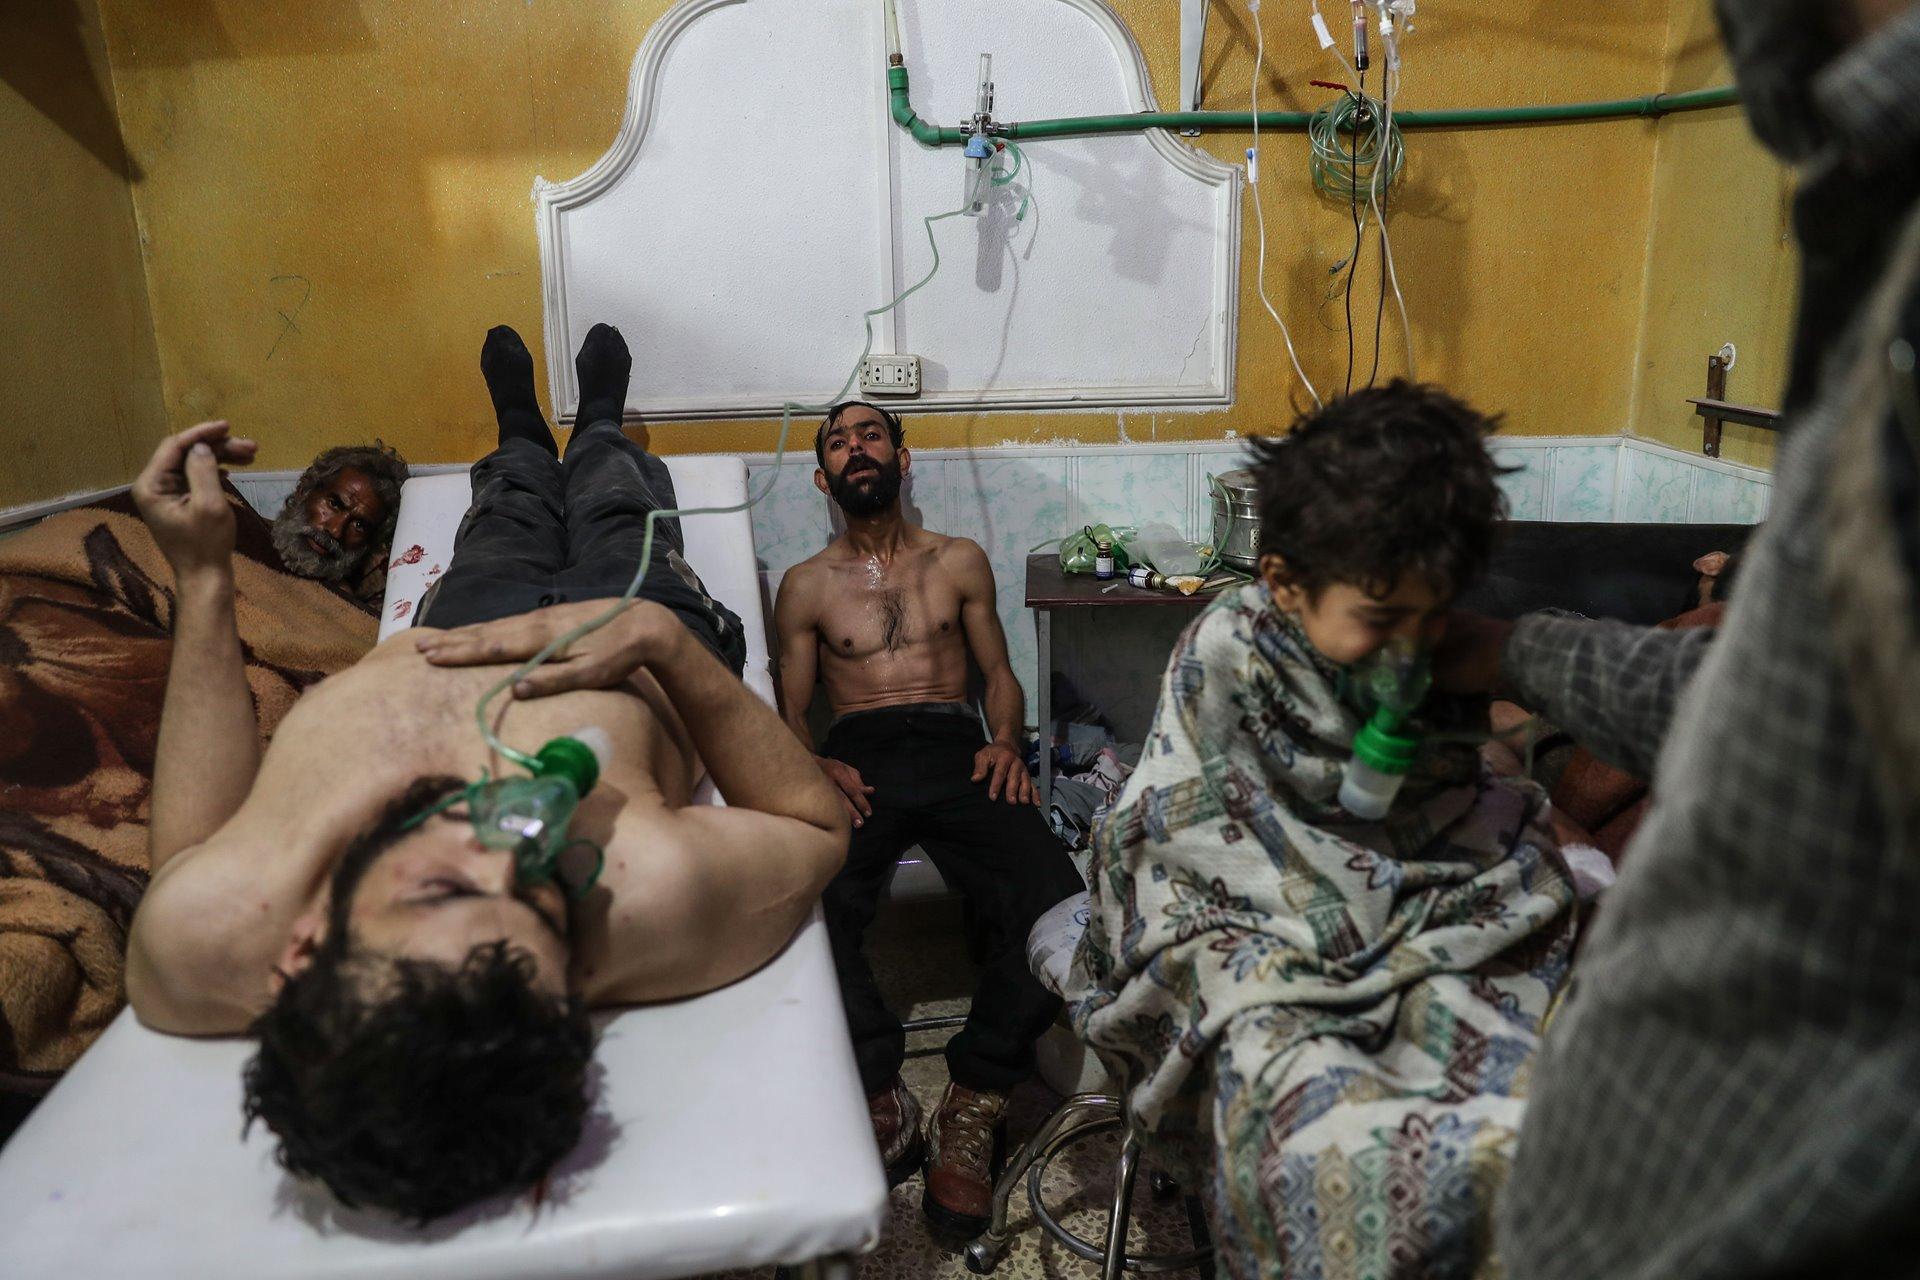 Sobre febrero de 2018, la población de Ghouta Oriental, un distrito suburbano a las afueras de Damasco y uno de los últimos enclaves rebeldes en el conflicto sirio en curso, había estado bajo el asedio de las fuerzas gubernamentales durante 5 años. Durante la ofensiva final, Ghouta Oriental fue atacada con cohetes y bombardeos aéreos,entre los que se incluyó al menos un supuesto ataque con gas localizado en la aldea de Al-Shifunieh el 25 de febrero de 2018 / Foto: Mohammed Badra (European Pressphoto)